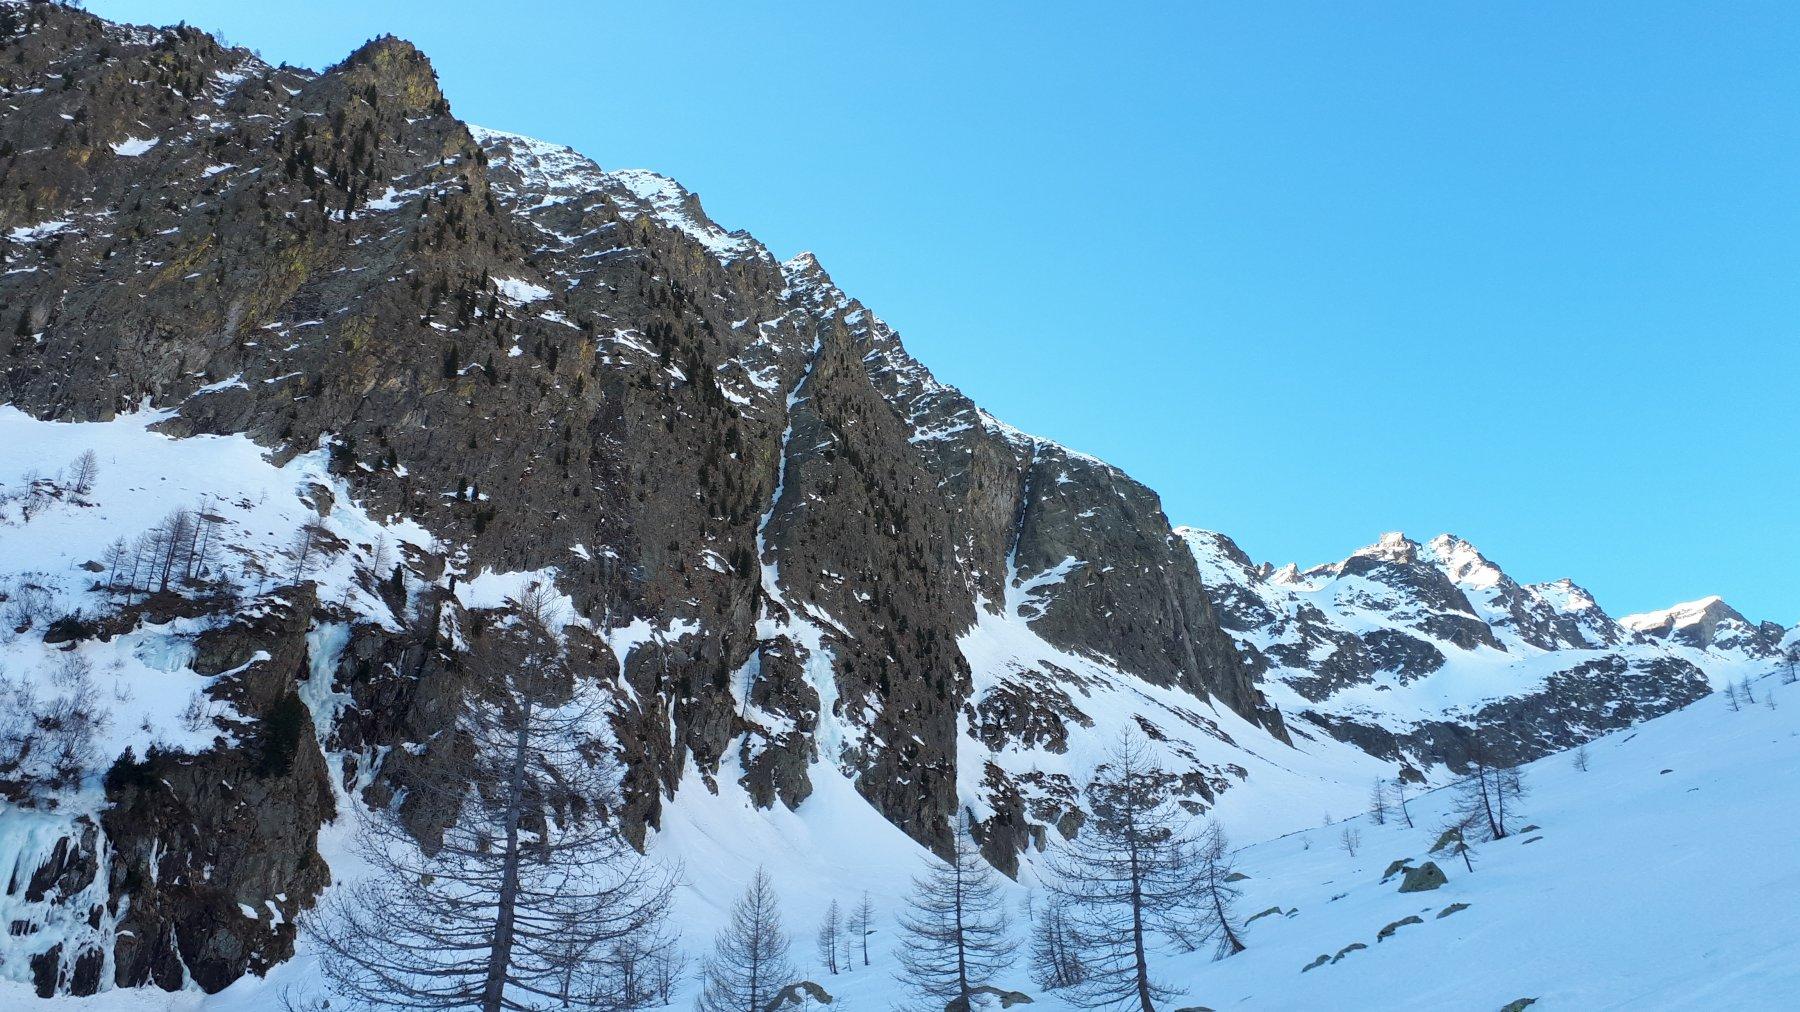 la linea di salita in centro alla foto caratterizzata dalla imponente cascata iniziale